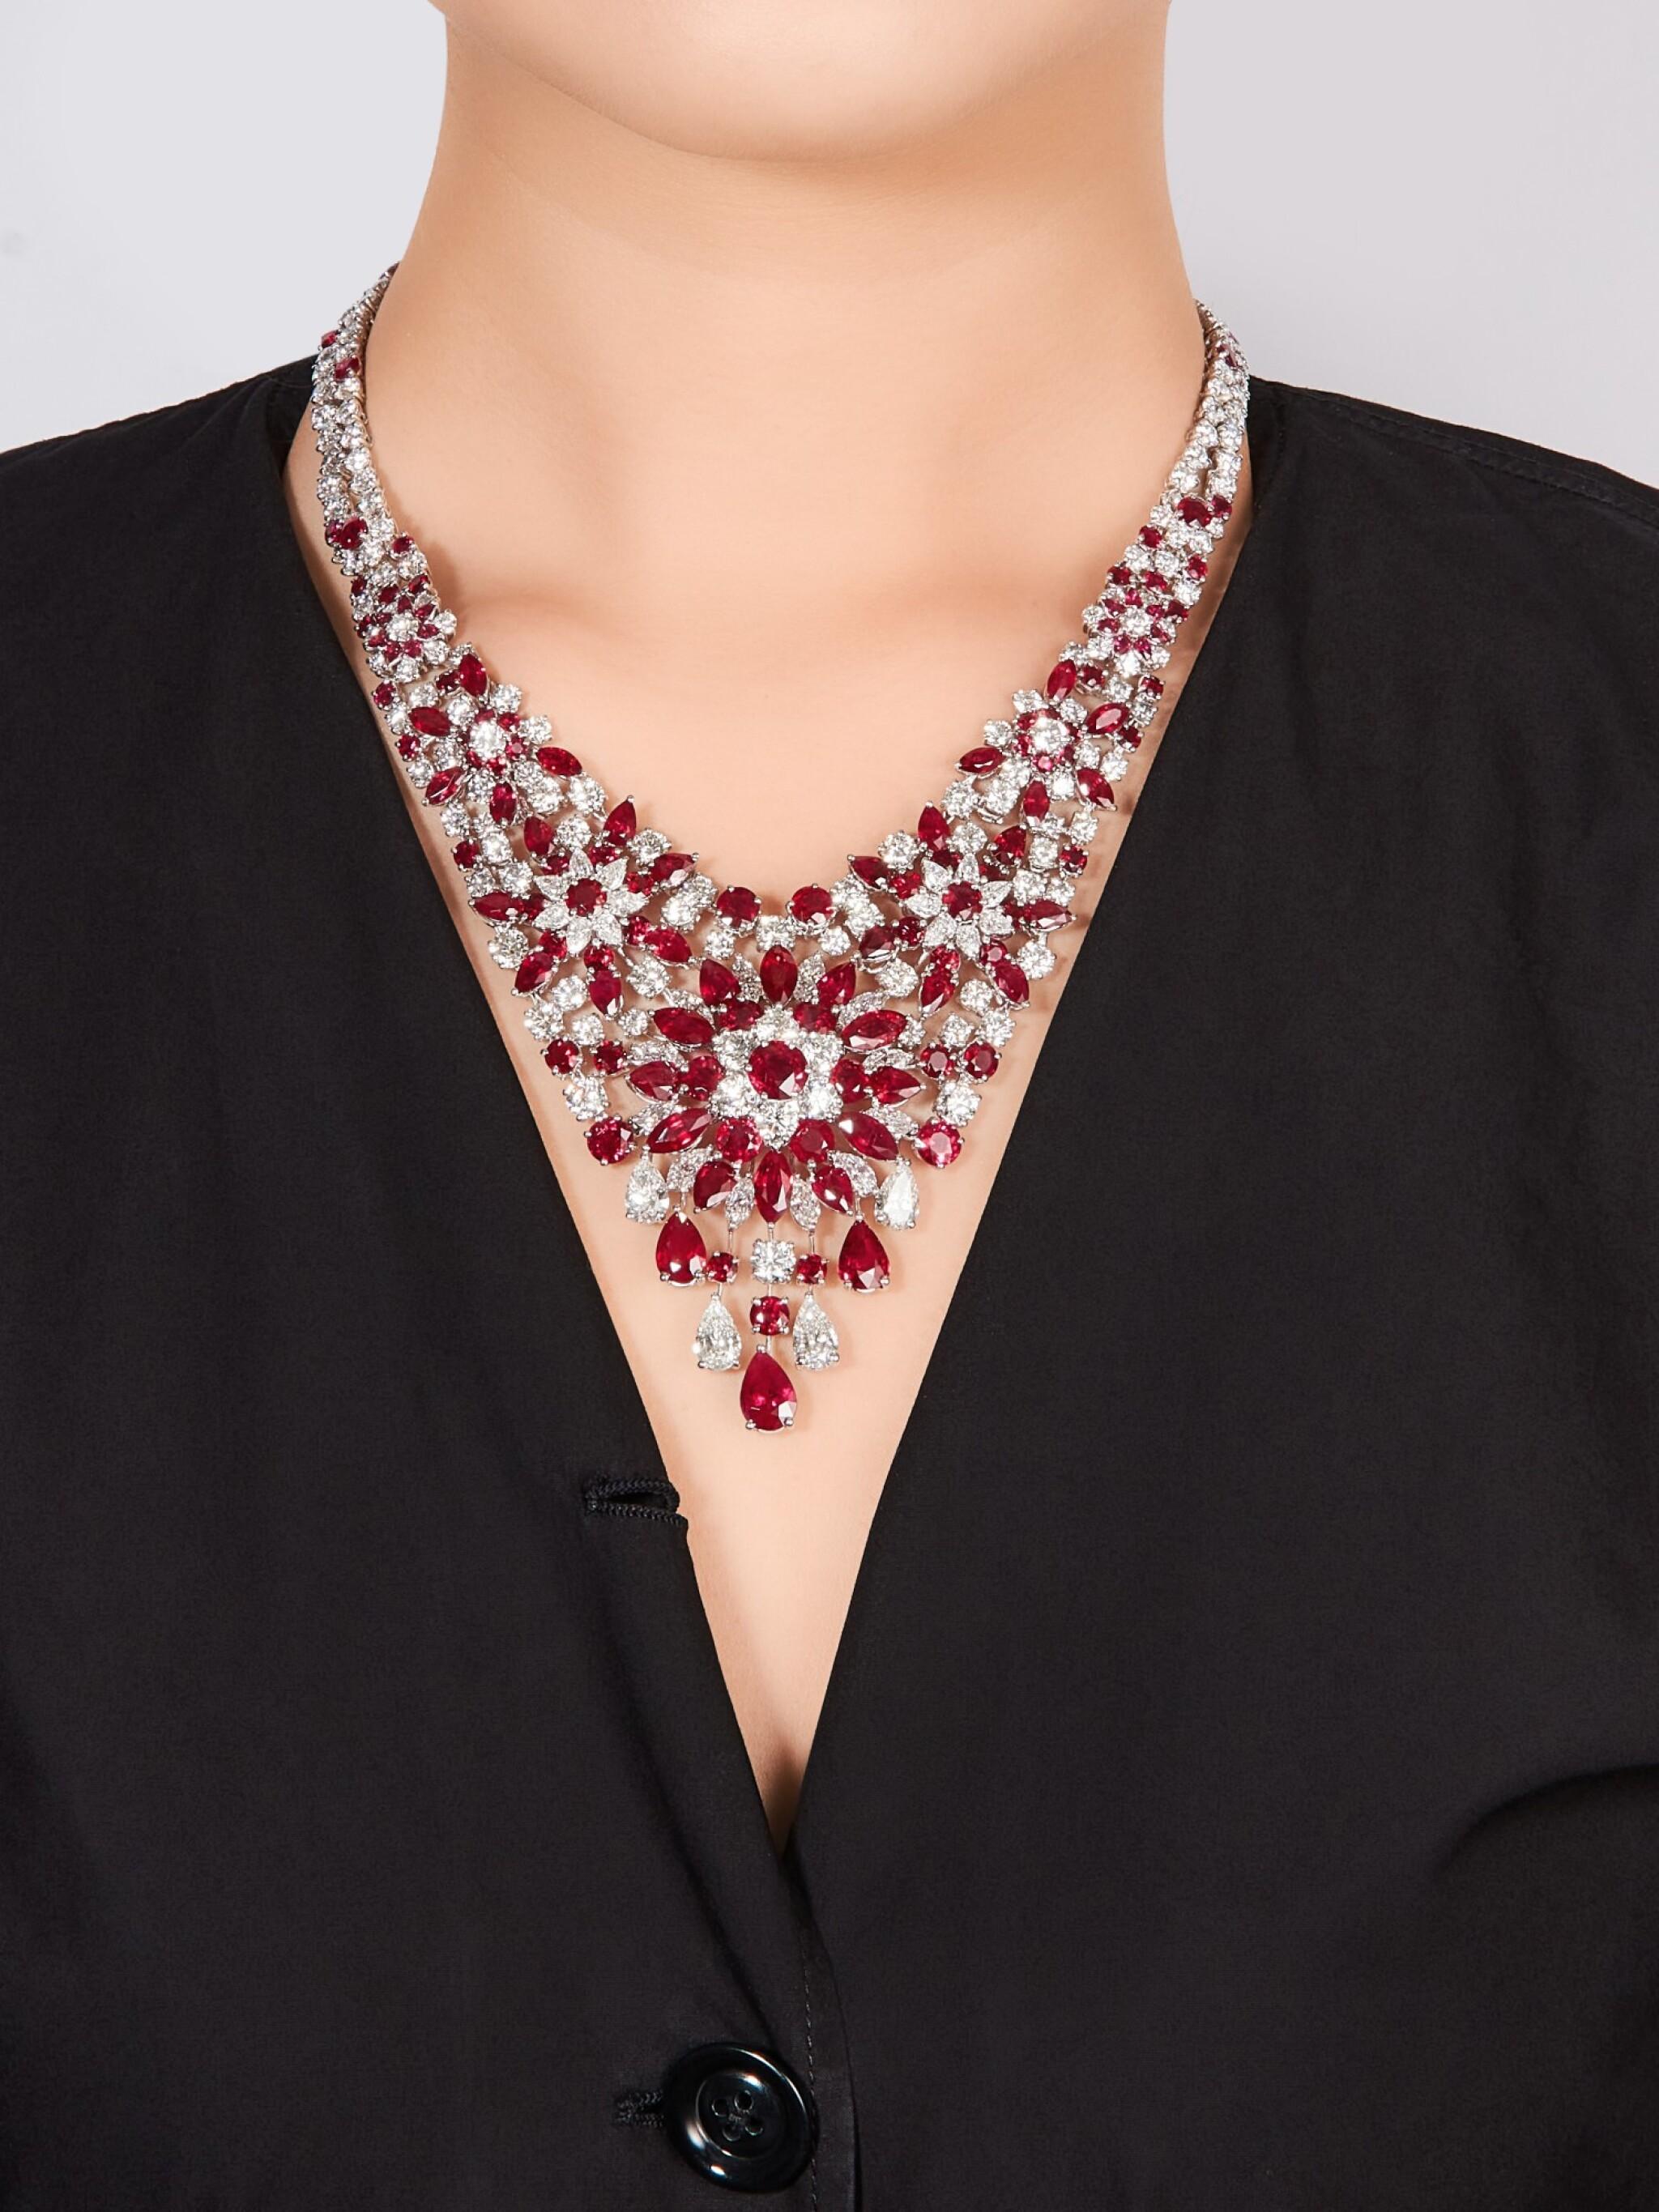 View full screen - View 1 of Lot 1611. GRAFF | RUBY AND DIAMOND NECKLACE | 格拉夫 | 紅寶石 配 鑽石 項鏈﹙ 紅寶石及鑽石共重約60.30及50.57卡拉﹚.